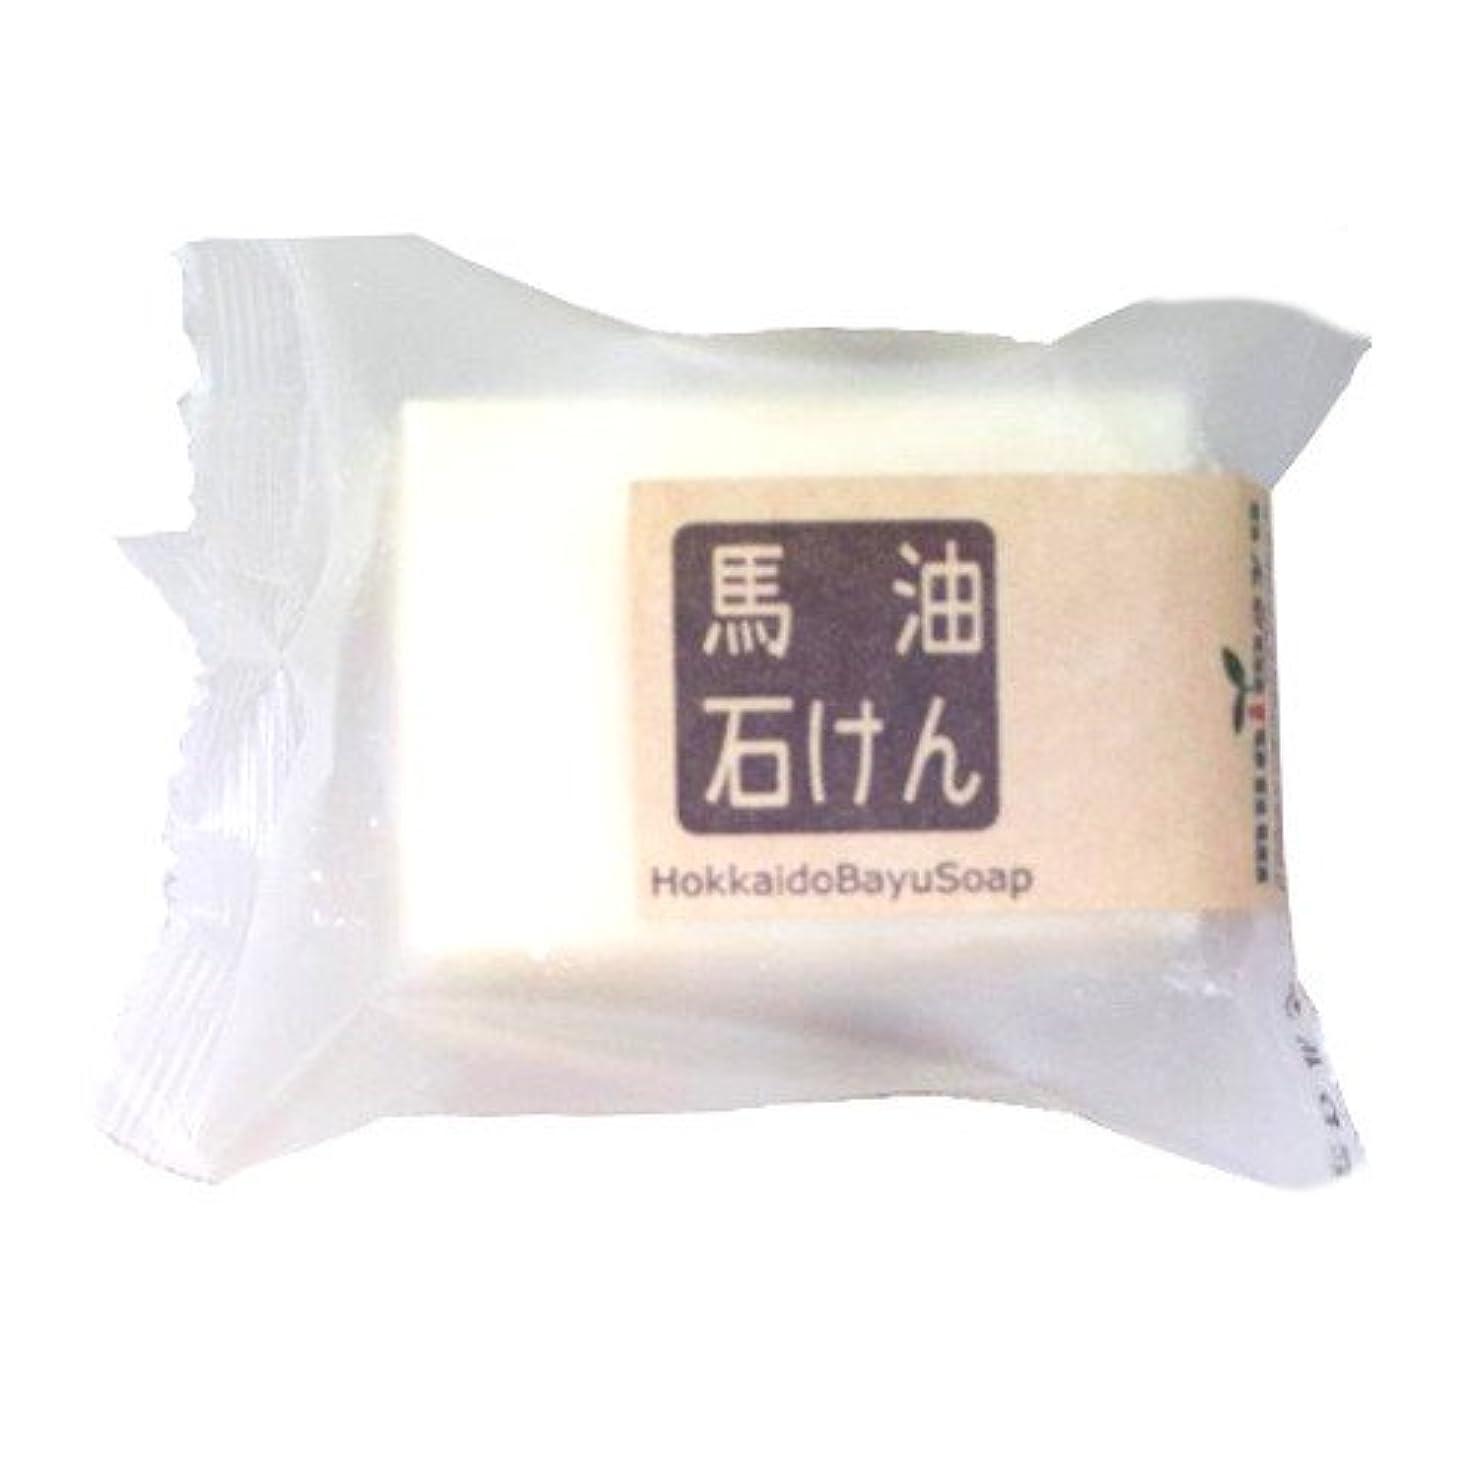 重要な役割を果たす、中心的な手段となる区慣れる北海道馬油工房 北海道クリーミー馬油石鹸